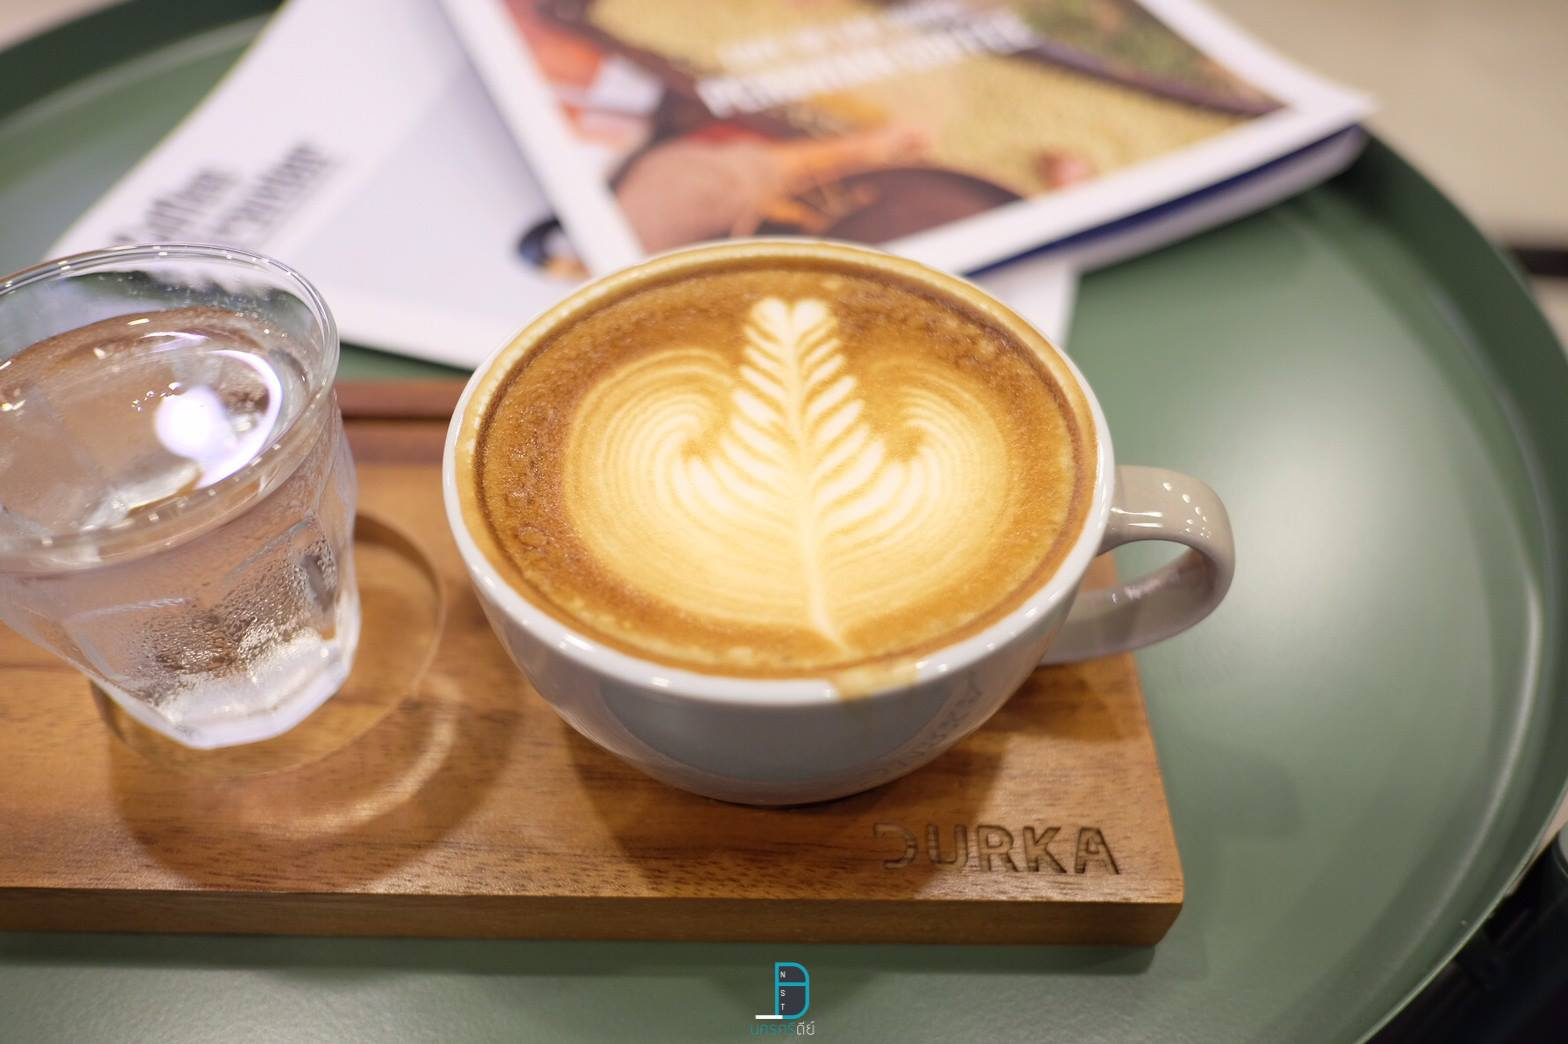 คาเฟ่ ท่าศาลา นครศรีธรรมราช Durka Cafe ร้านนั่งสบายเครื่องดื่มอร่อยราคาไม่แพง นครศรีดีย์